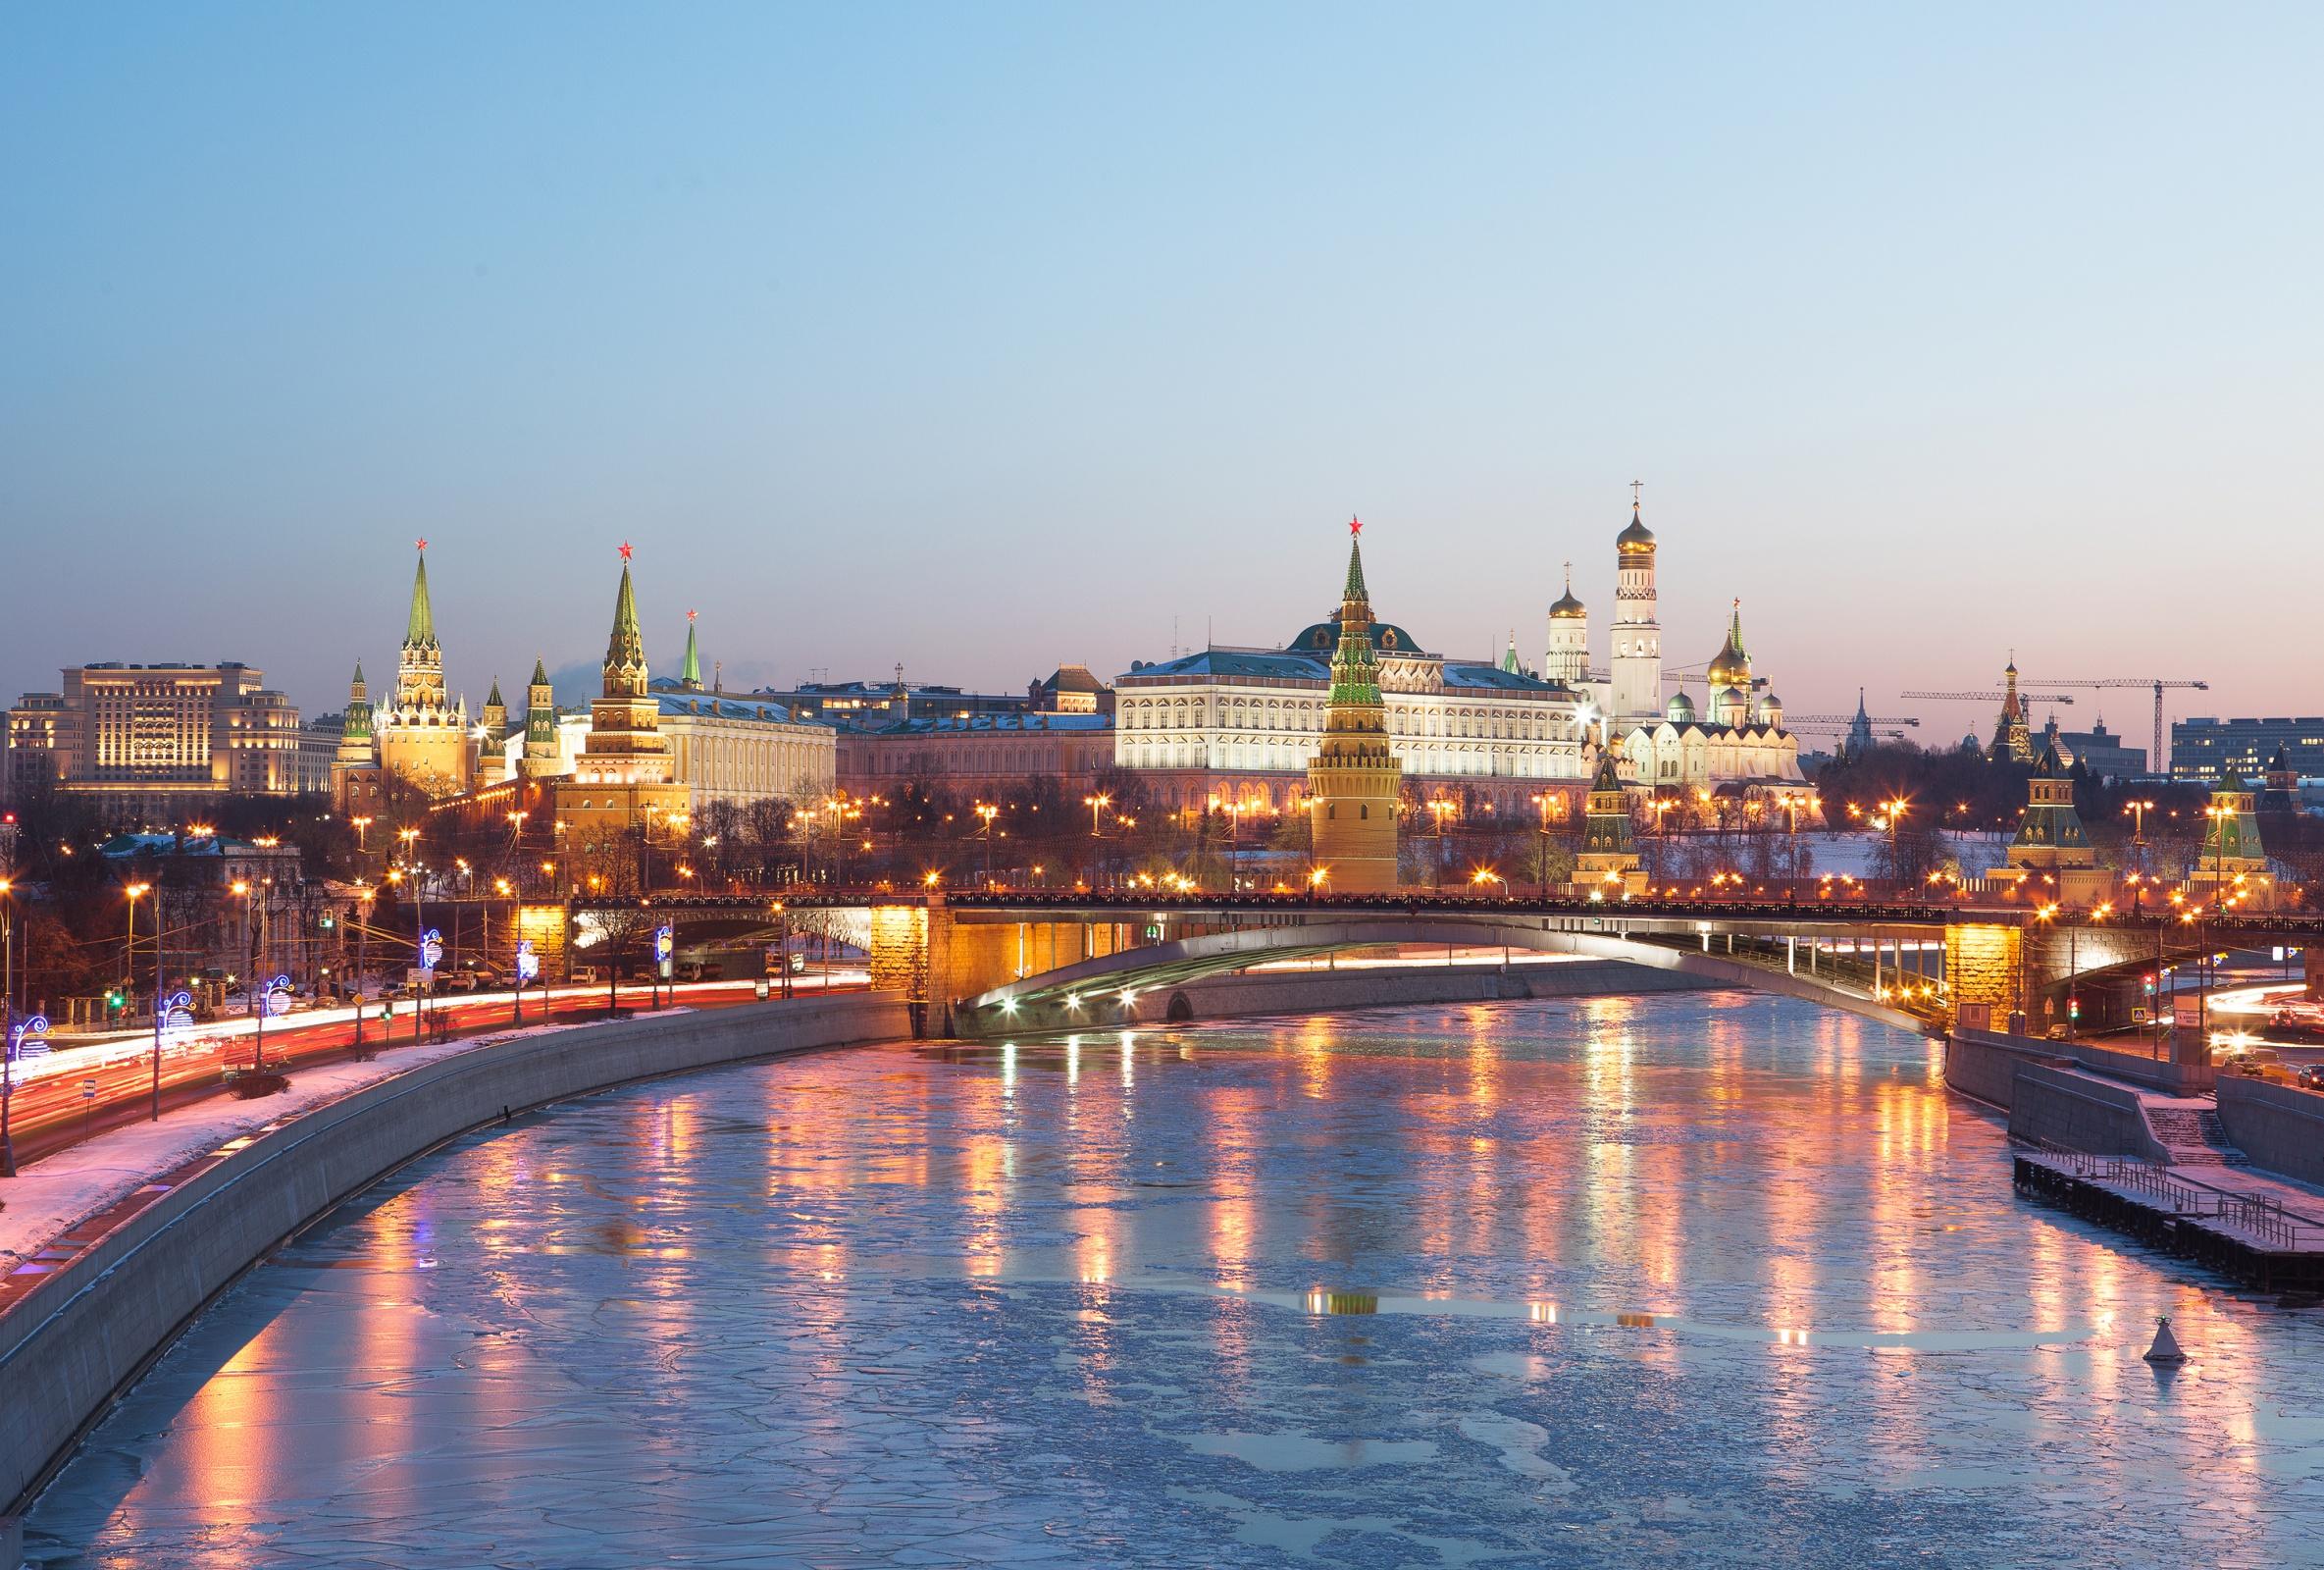 Ержан Максим вместе с родителями переезжает в Москву